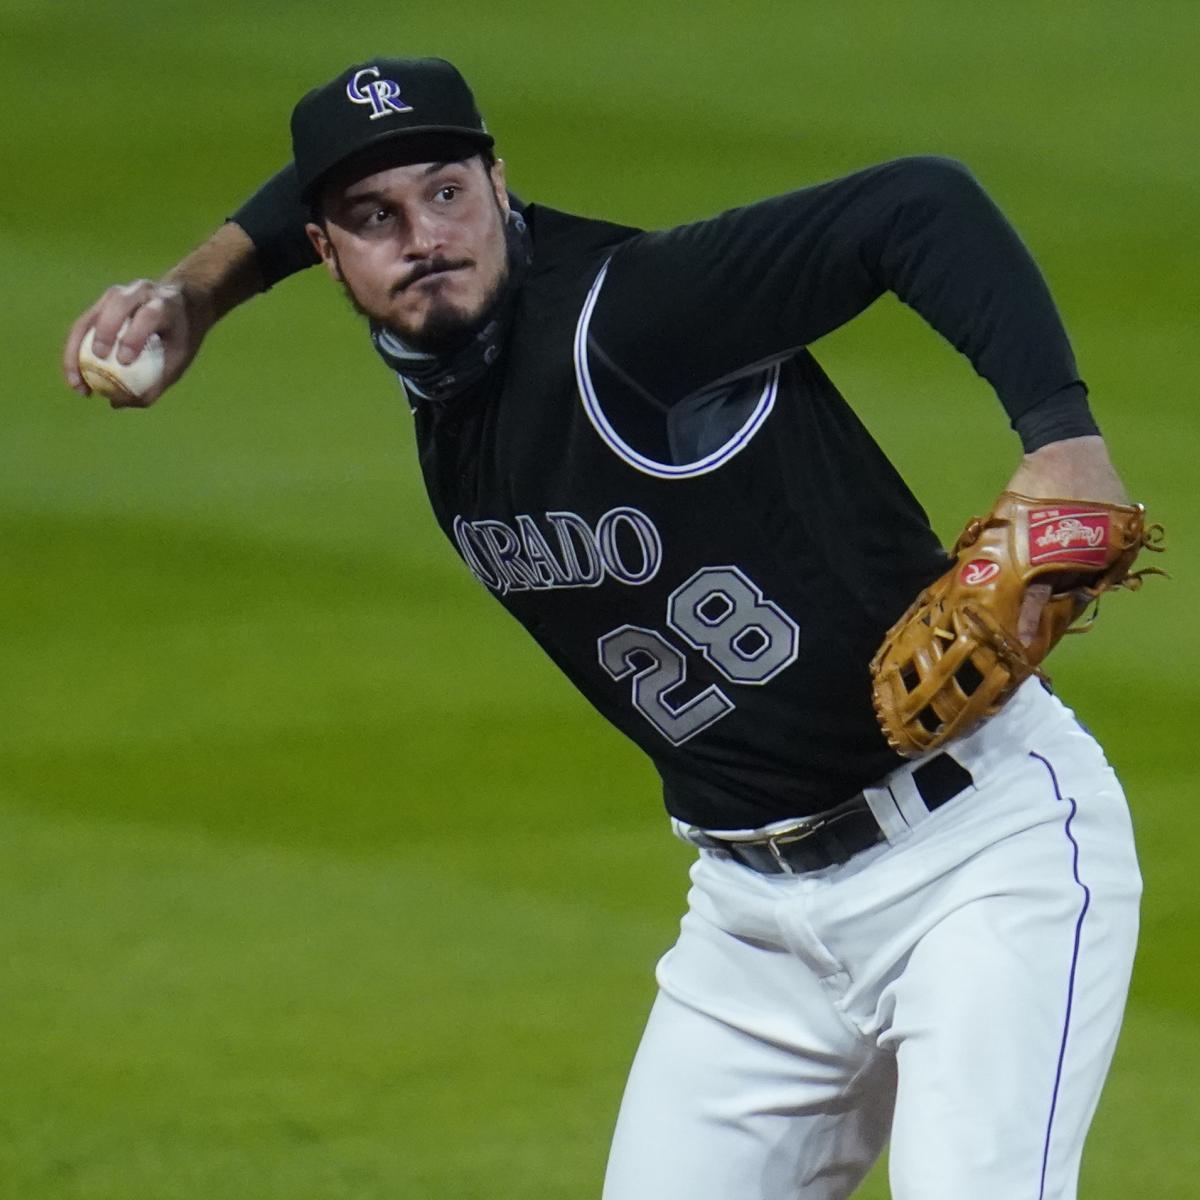 Nolan Arenado Trade Rumors: Cardinals, Rockies Discussing Deal for All-Star 3B